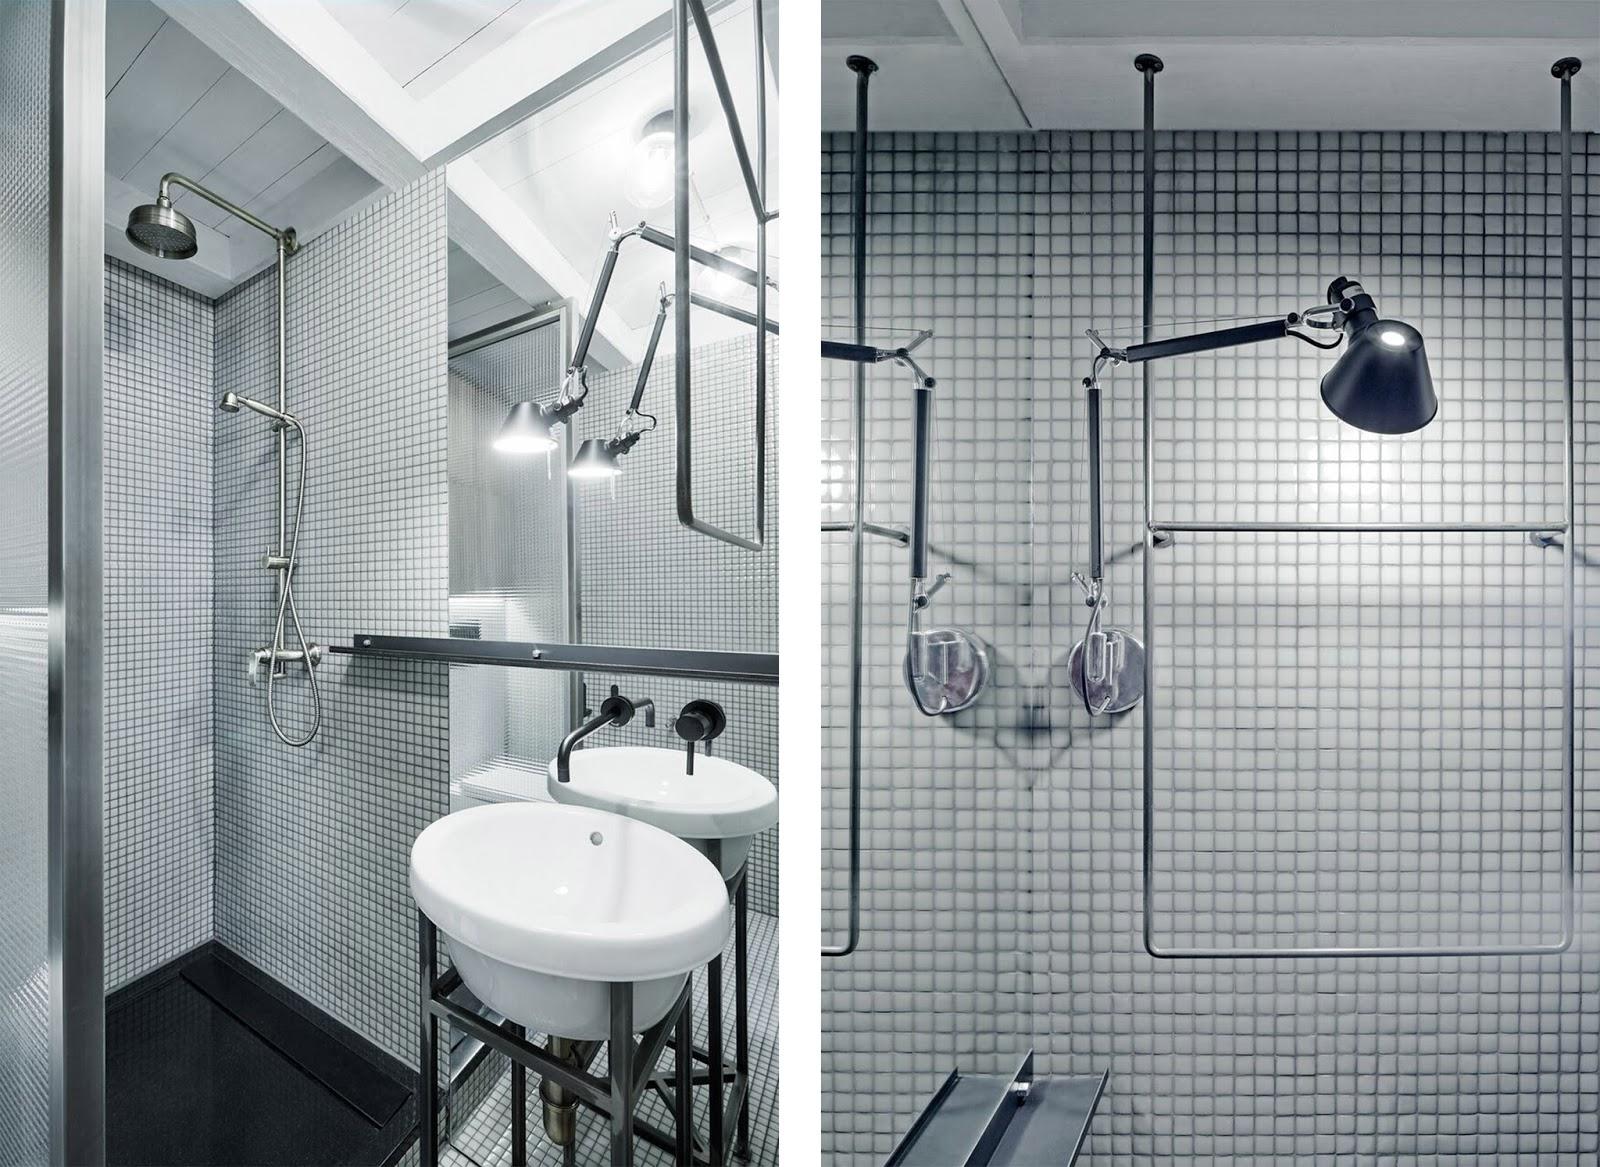 Progetto di due bagni e una cucina in un appartamento a praga by studio formafatal arc art - Lavandino bagno vetro ...